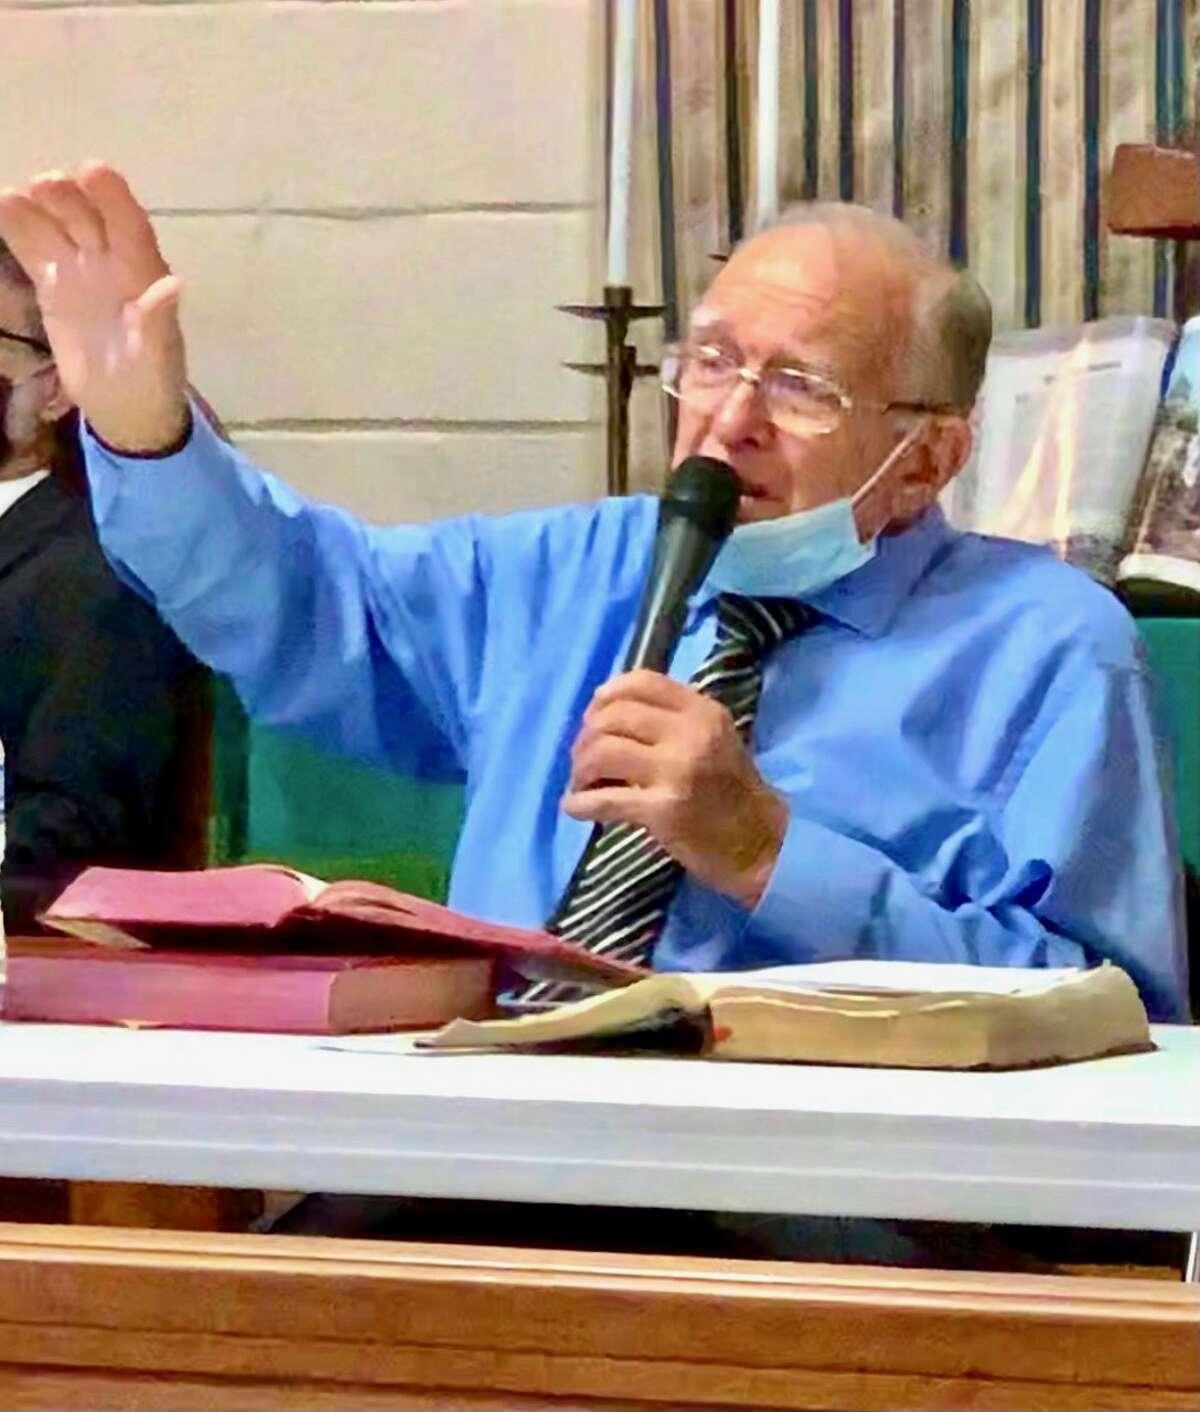 Pastor Bill D. Campbel